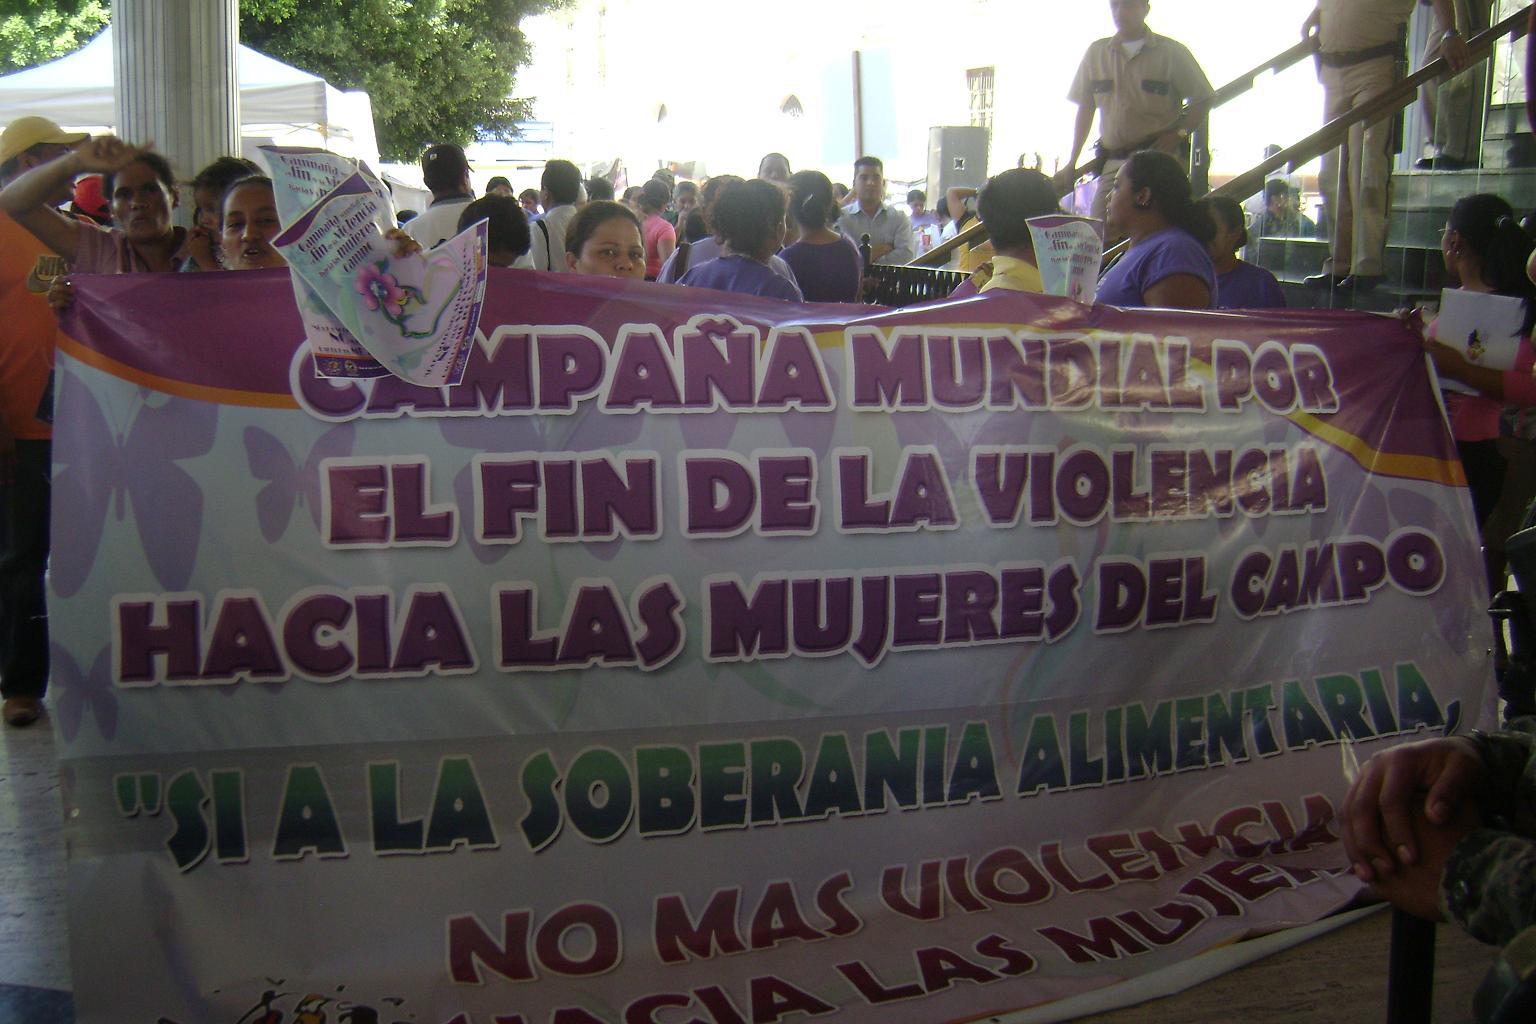 """Mujeres de la Vía Campesina en  Honduras Lanzan Campaña """"Si a la Soberanía Alimentaria no mas Violencia contra las mujeres del Campo"""